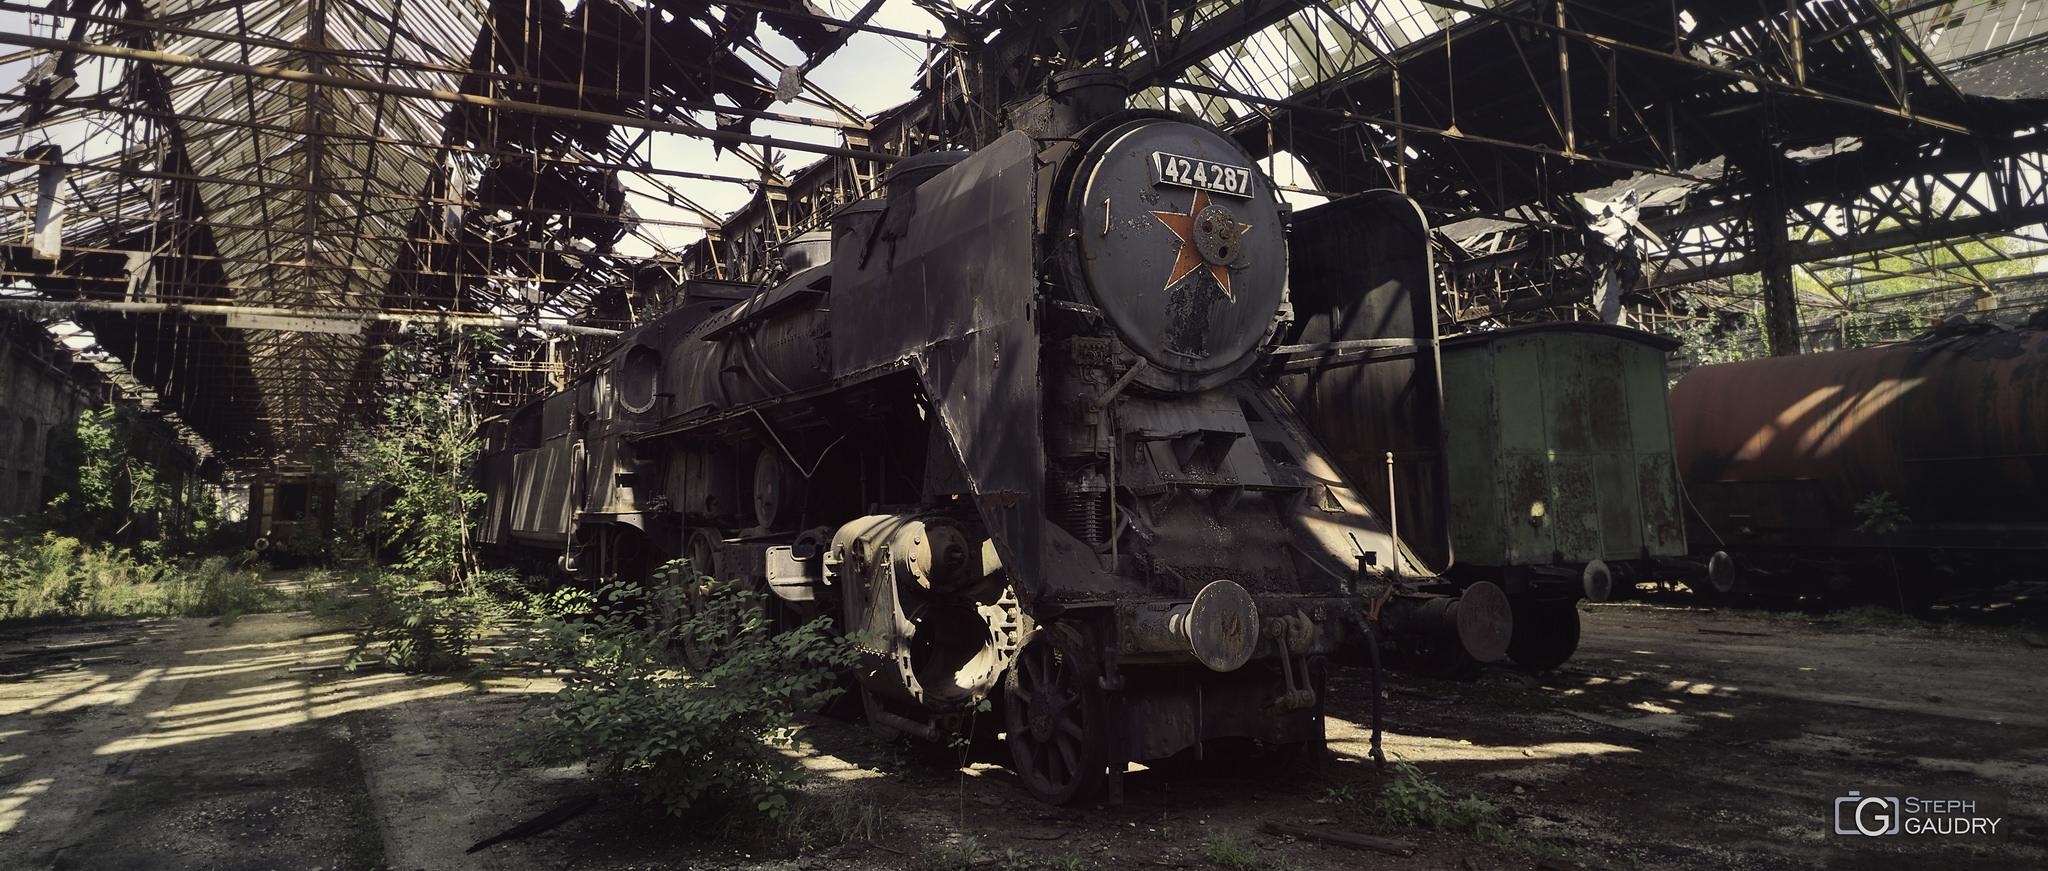 MÁV 424-287 (Abandoned Red star train) [Klicken Sie hier, um die Diashow zu starten]